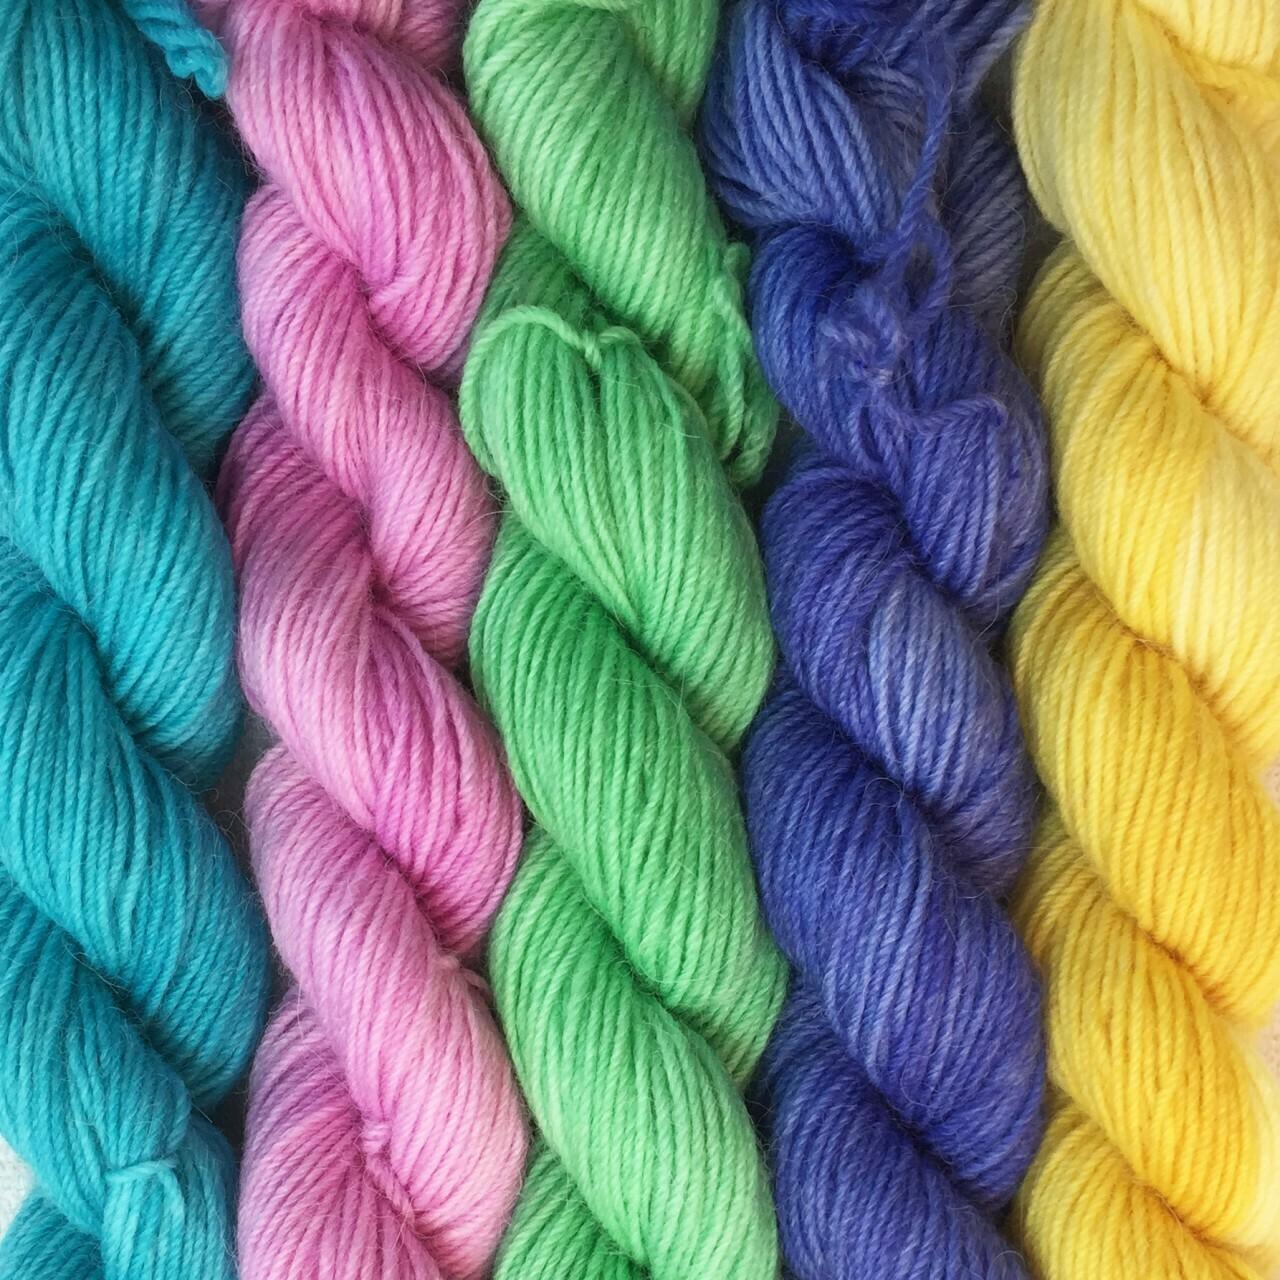 Half Mad Yarn Kits